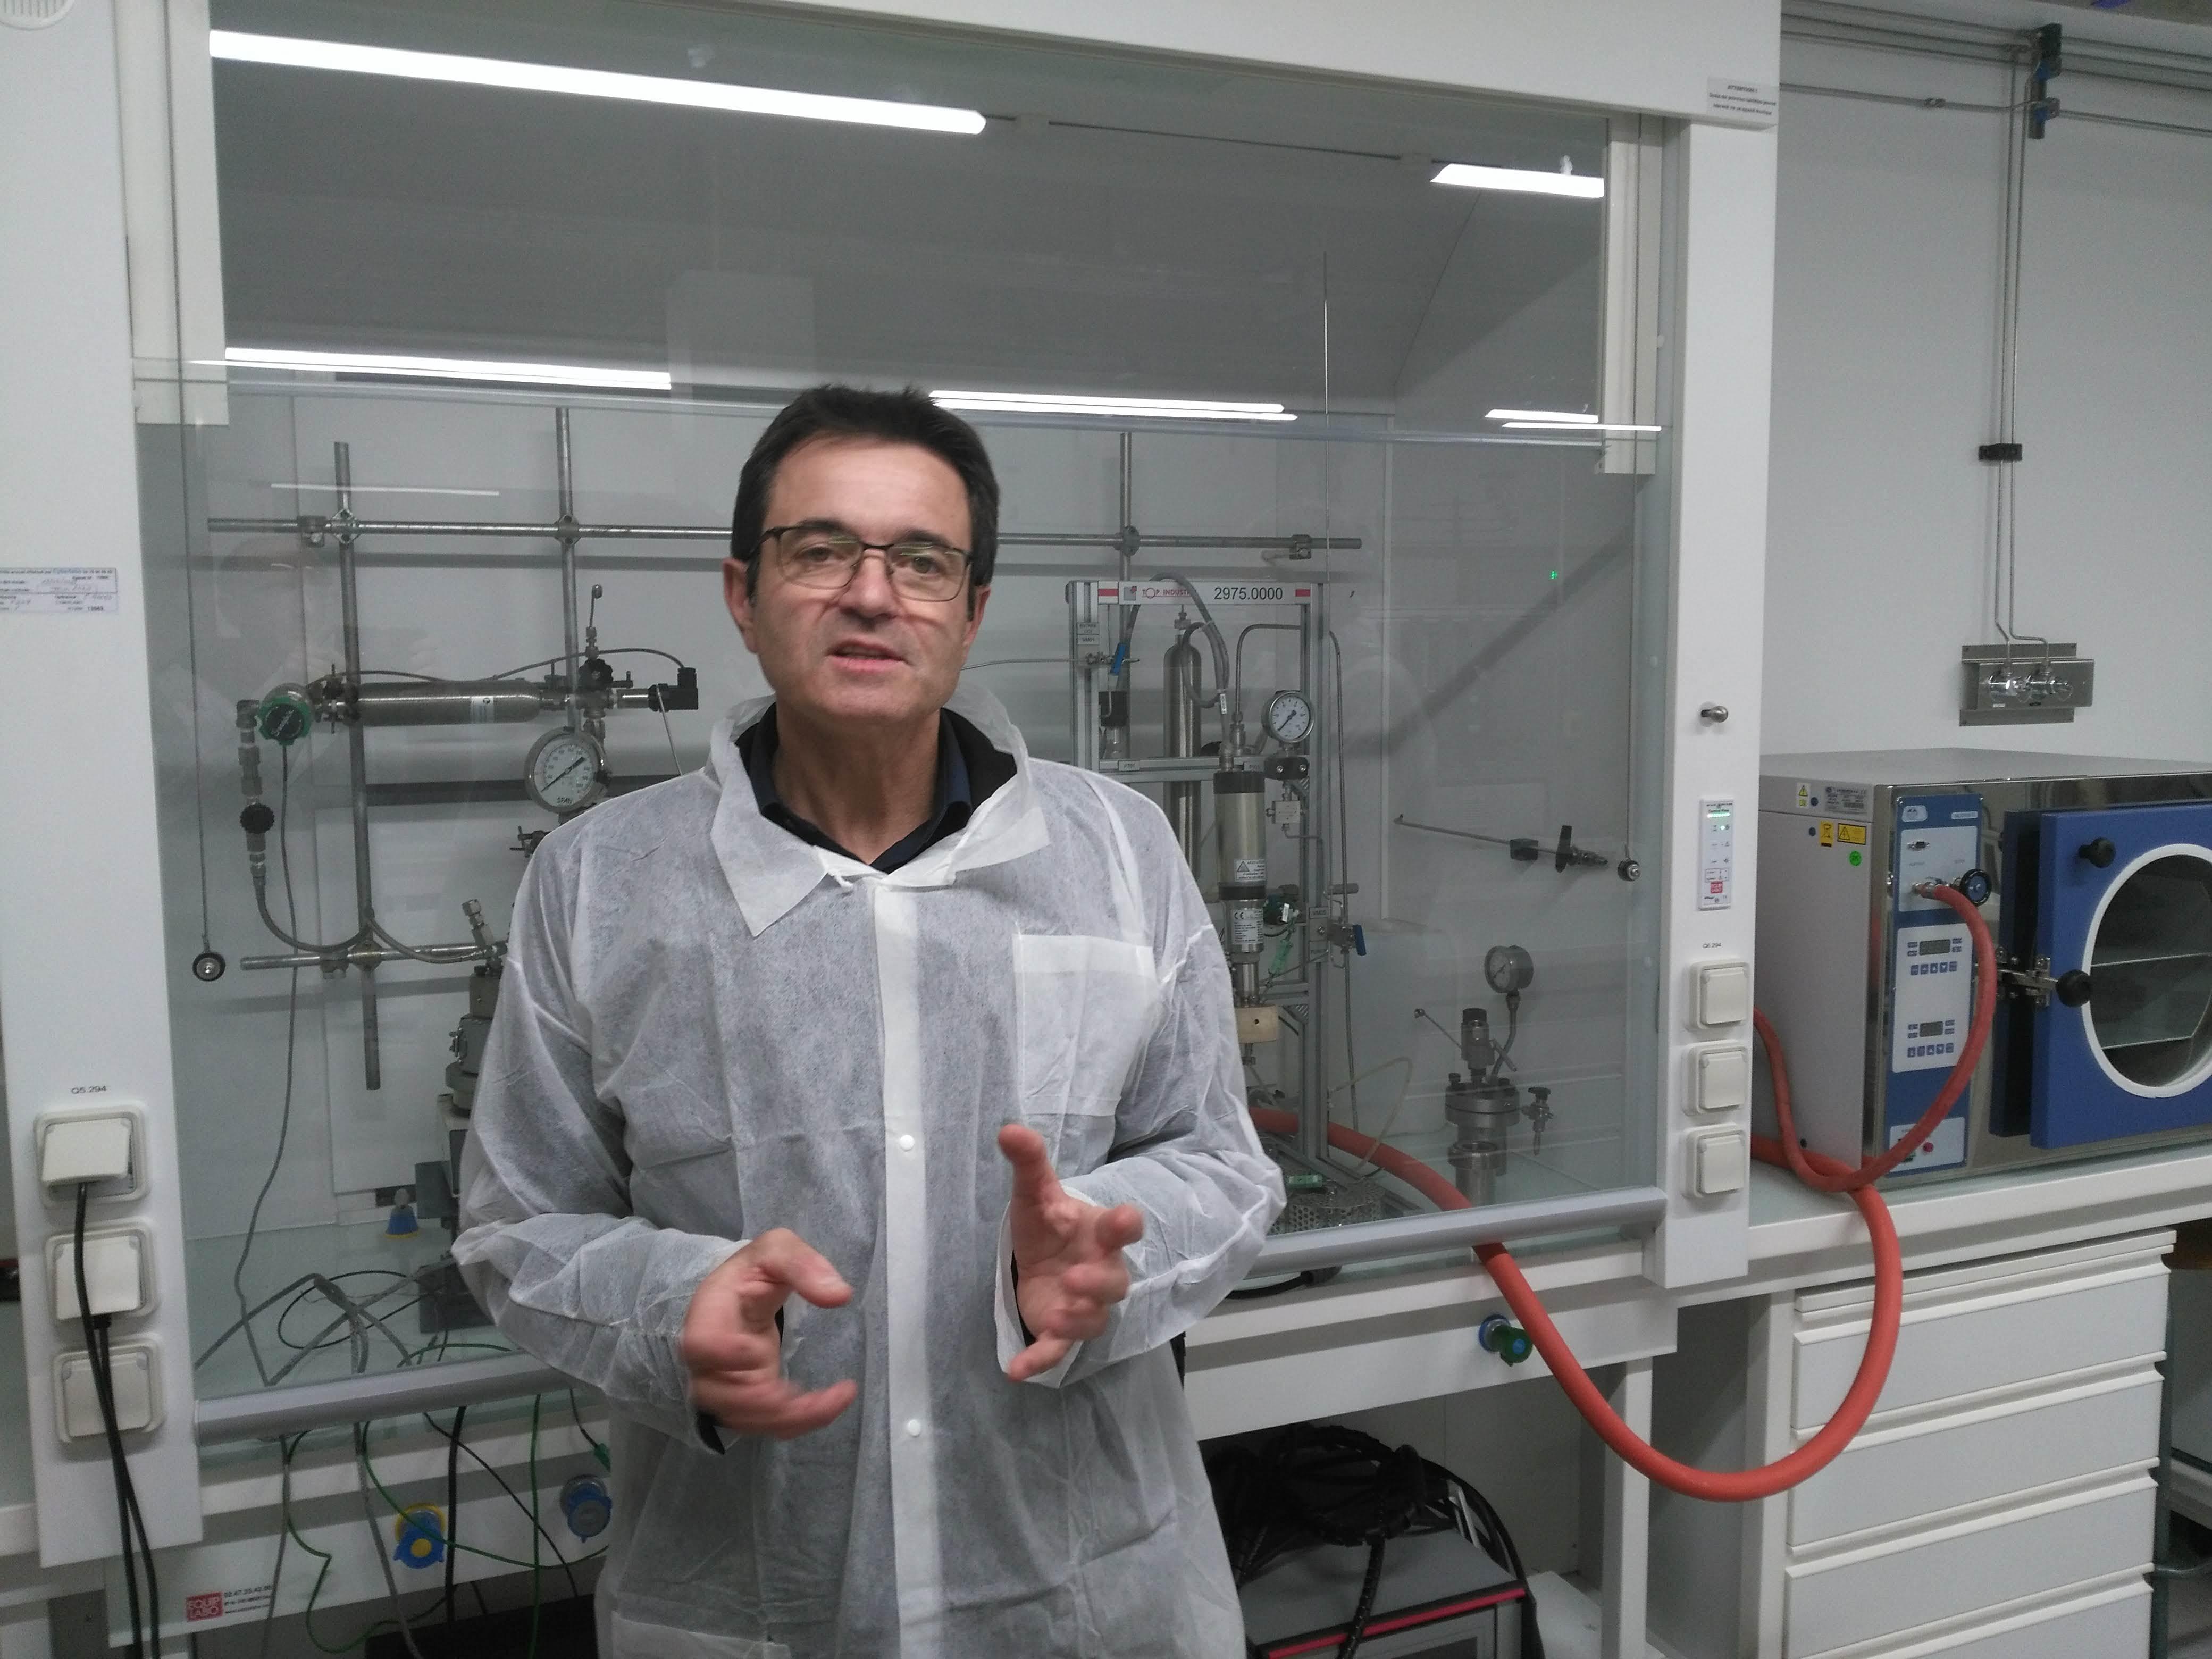 Pneumatiques : ChemistLab à la recherche d'élastomères durables